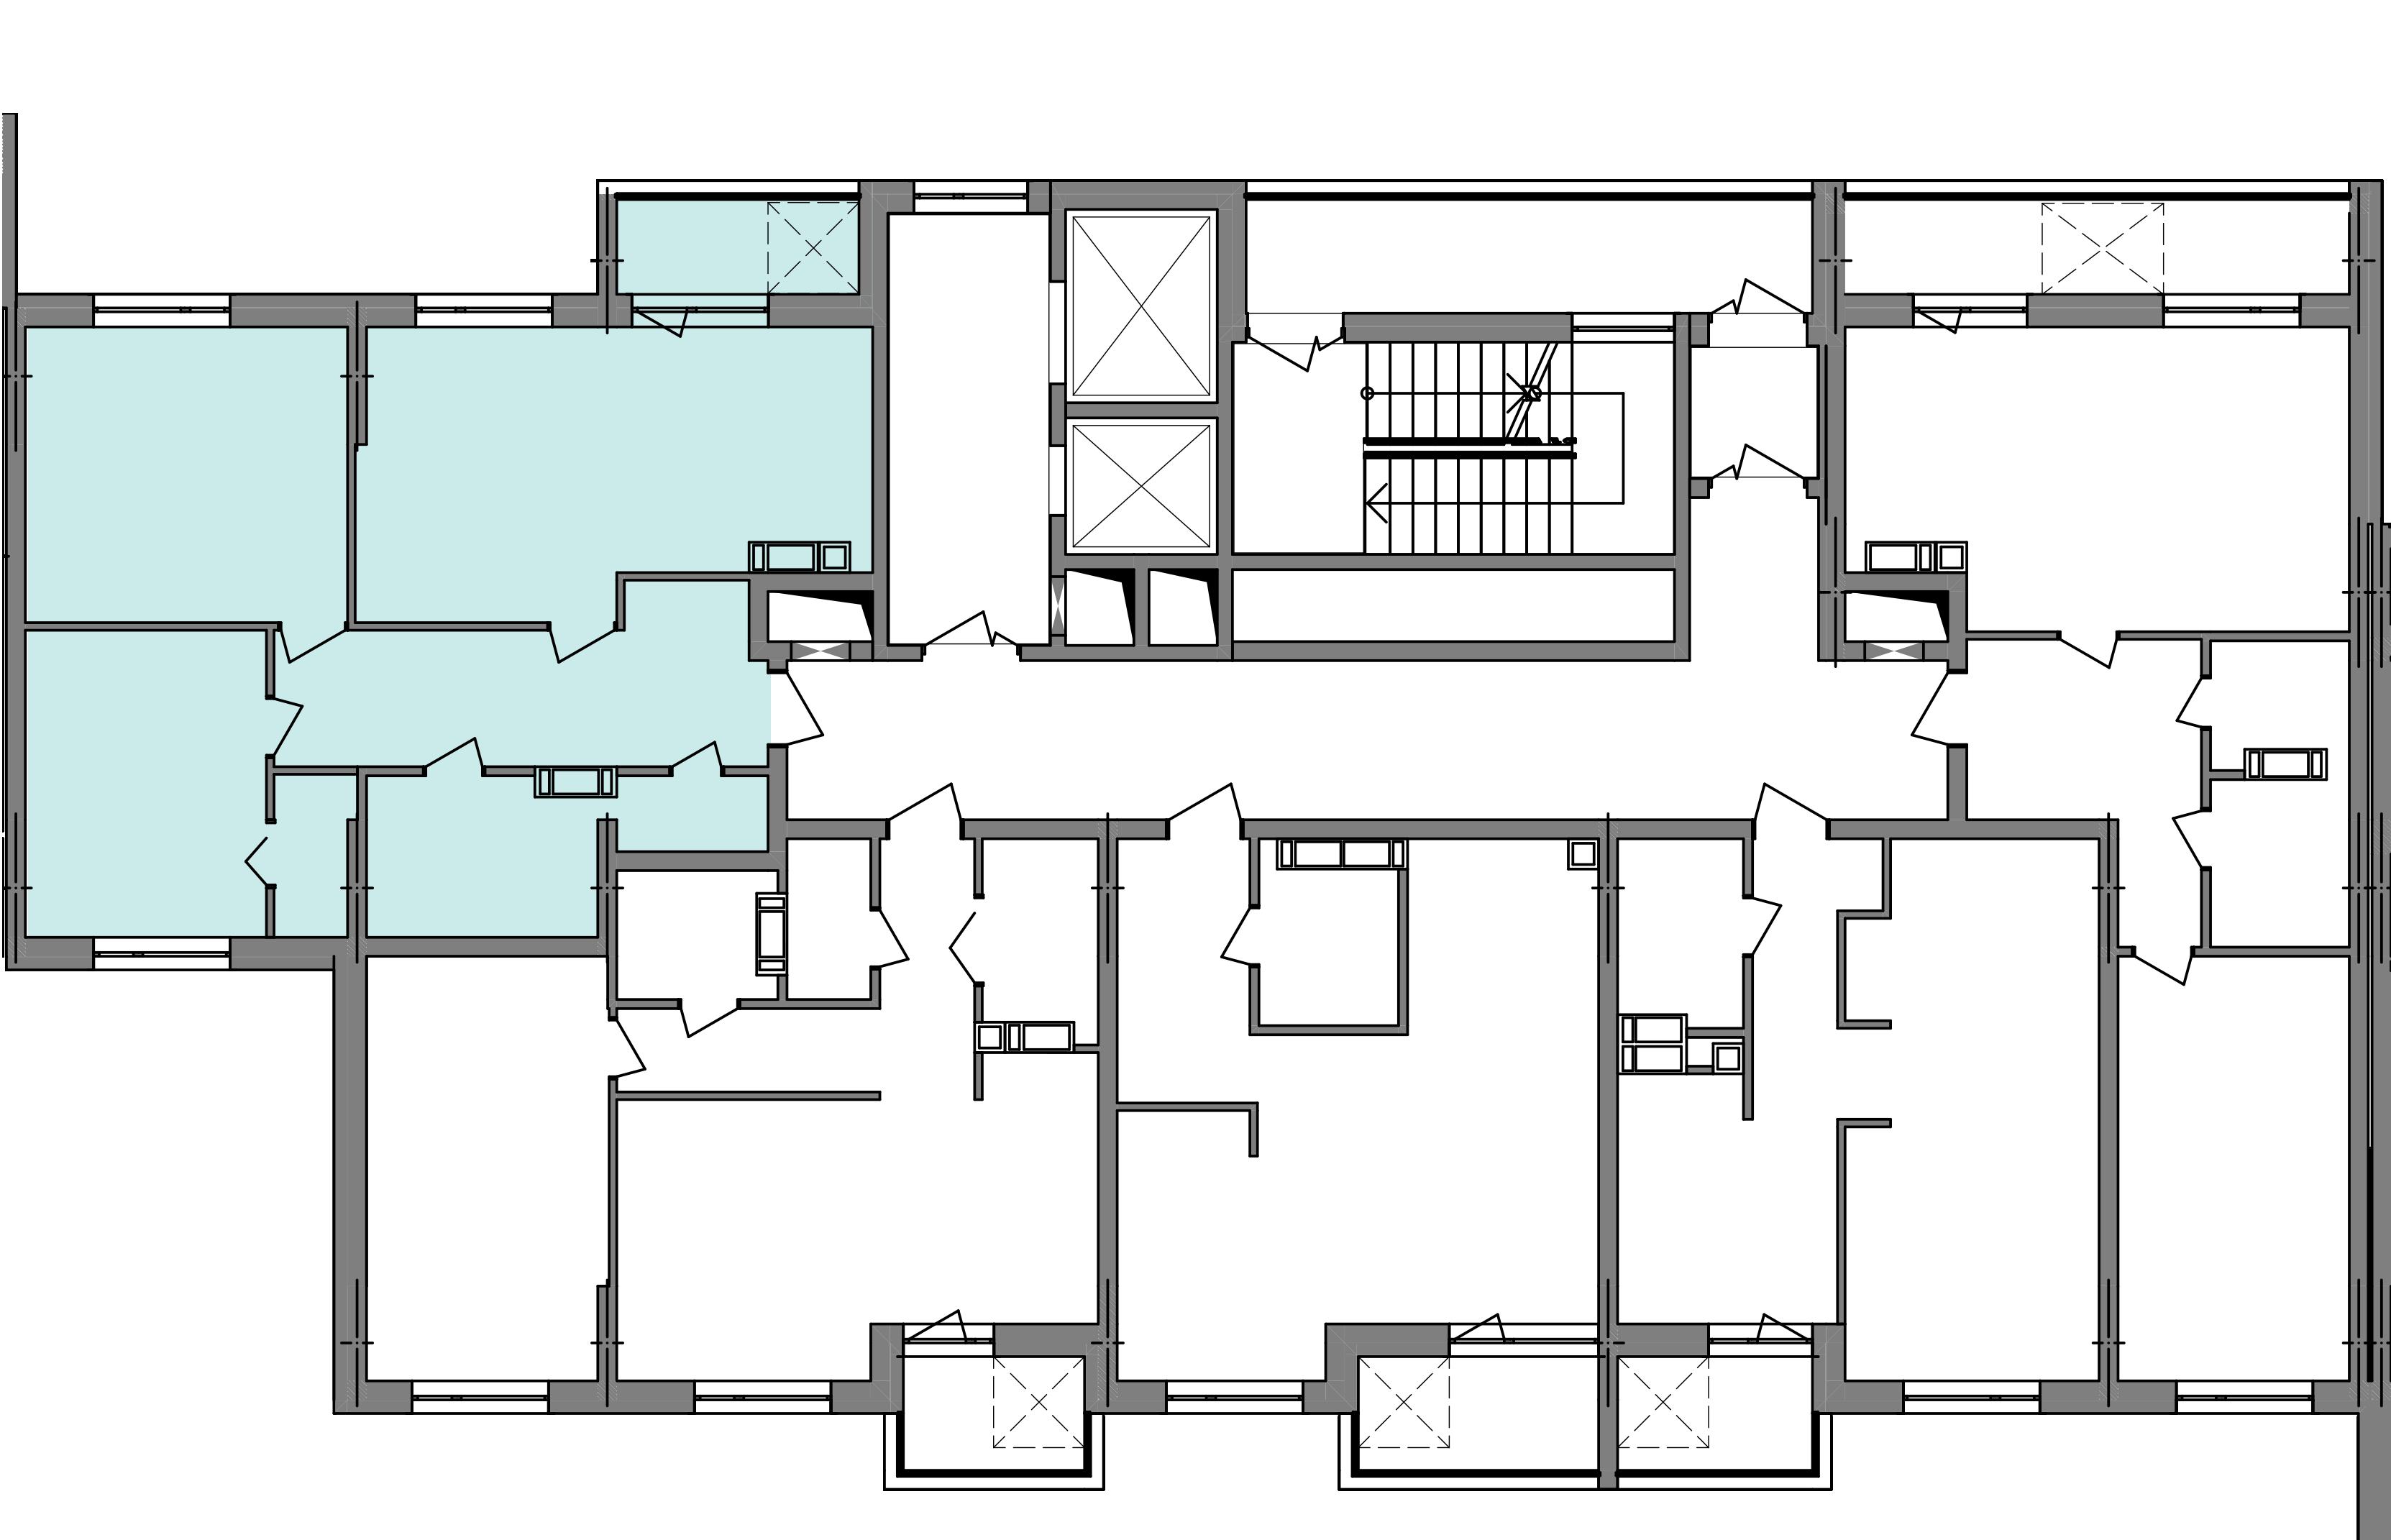 Трехкомнатная квартира 74,94 кв.м., тип 3.1, дом  3, секция 4 расположение на этаже